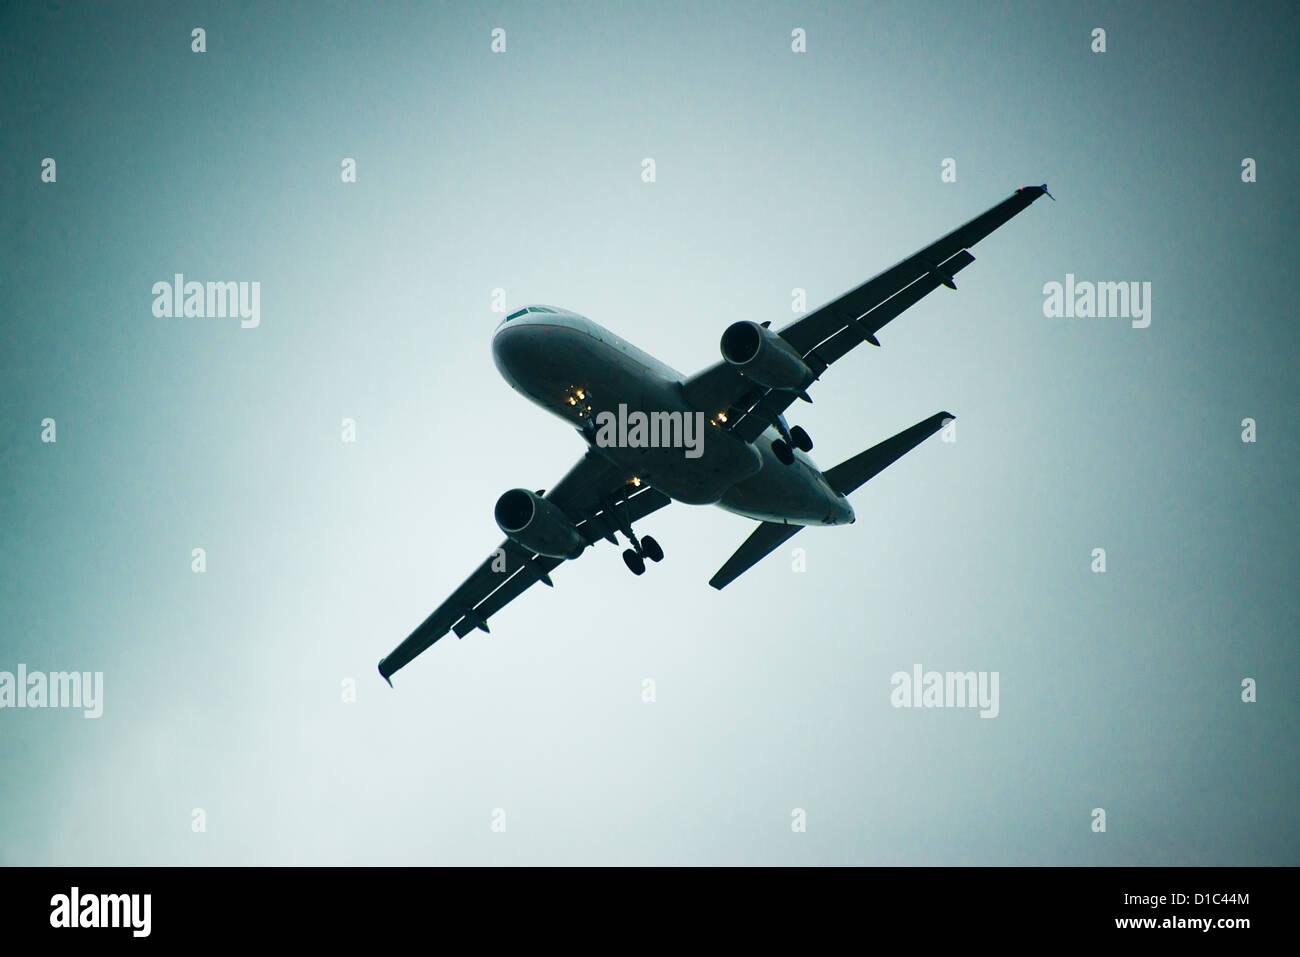 Vol en avion à réaction. Photo Stock